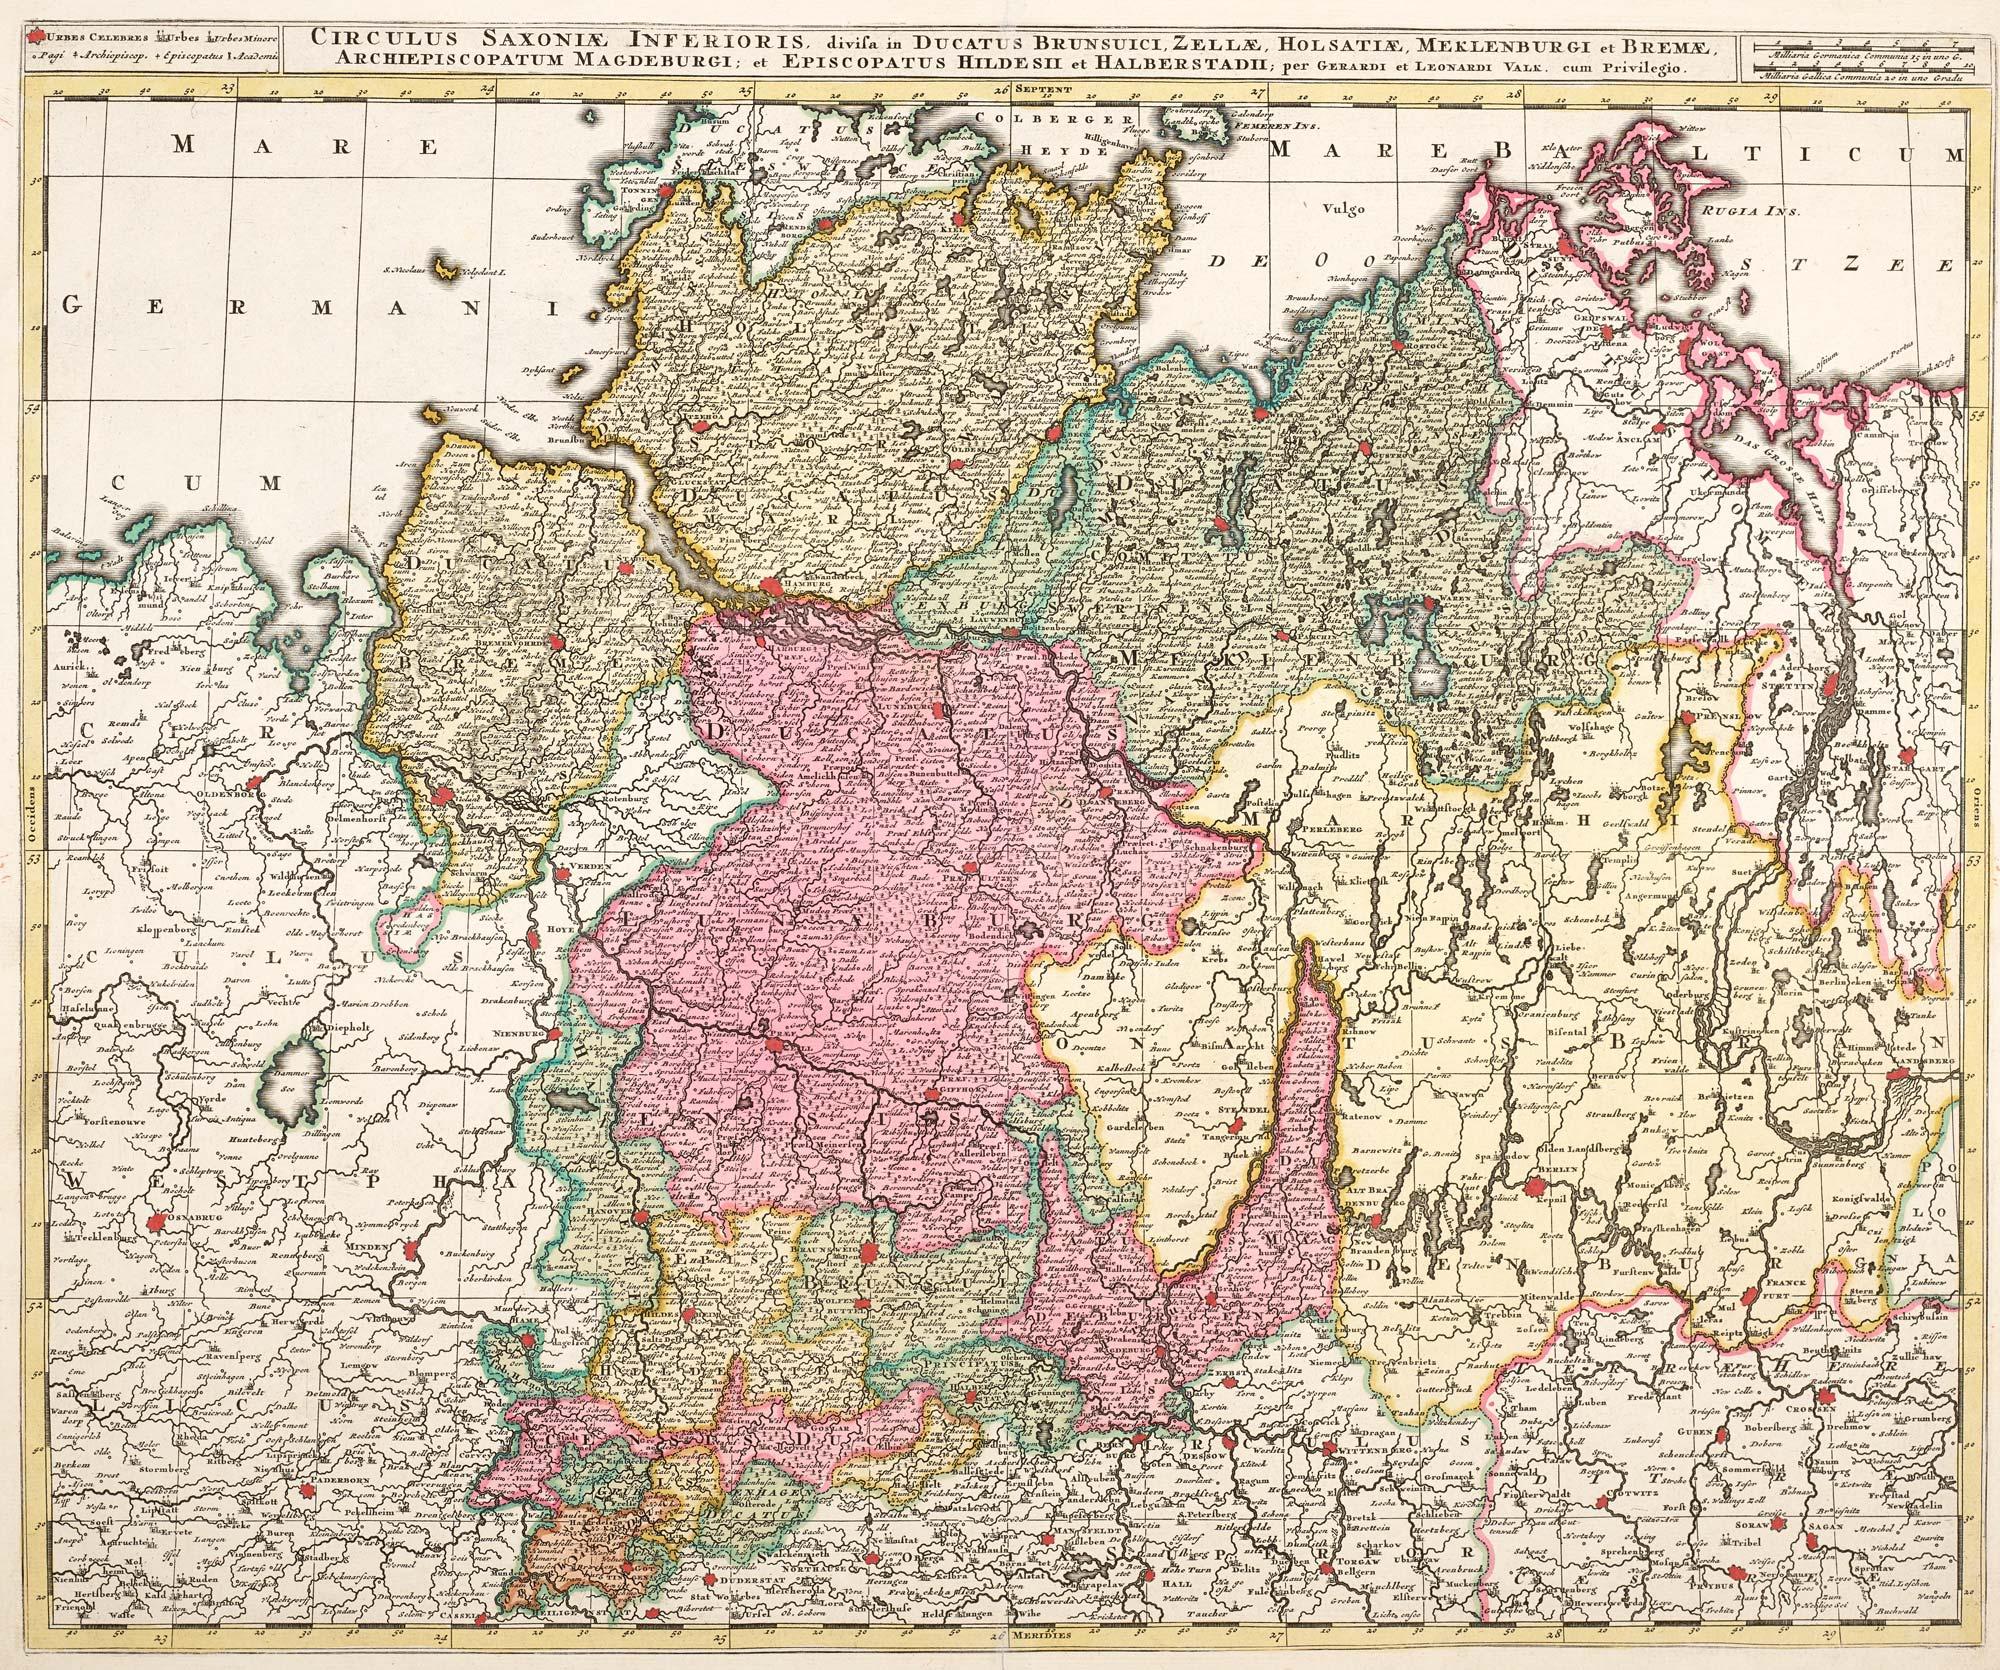 Mappe-XVII,-A,-13